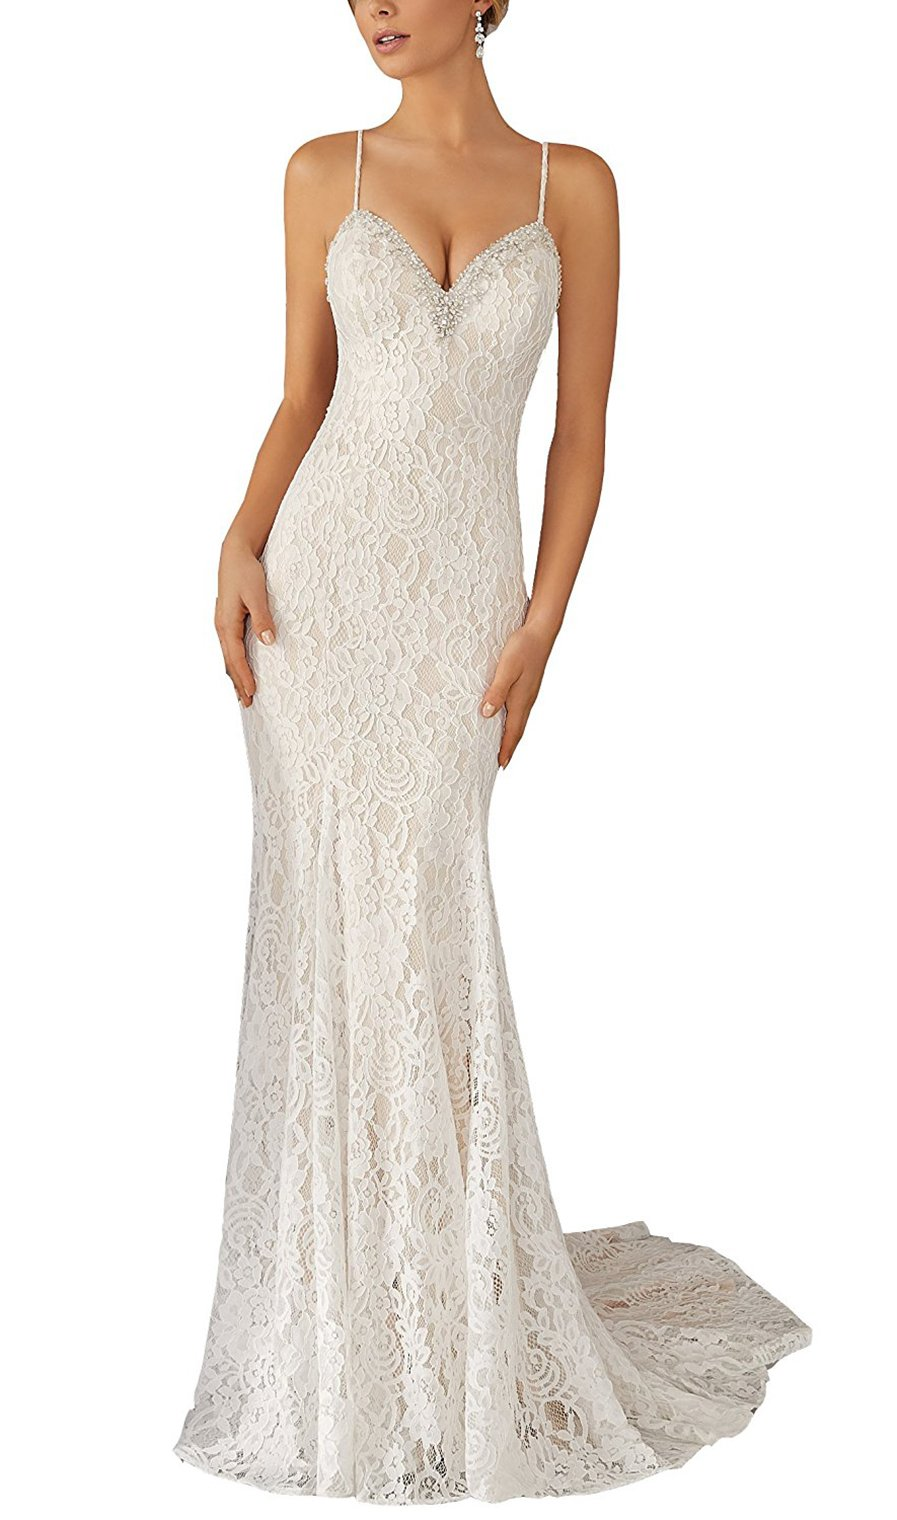 YinWen Women's V-Neck 2017 Boho Style Floor Length Spaghetti Straps Backless Beach Wedding Dress Size 6 US Ivory by YinWen